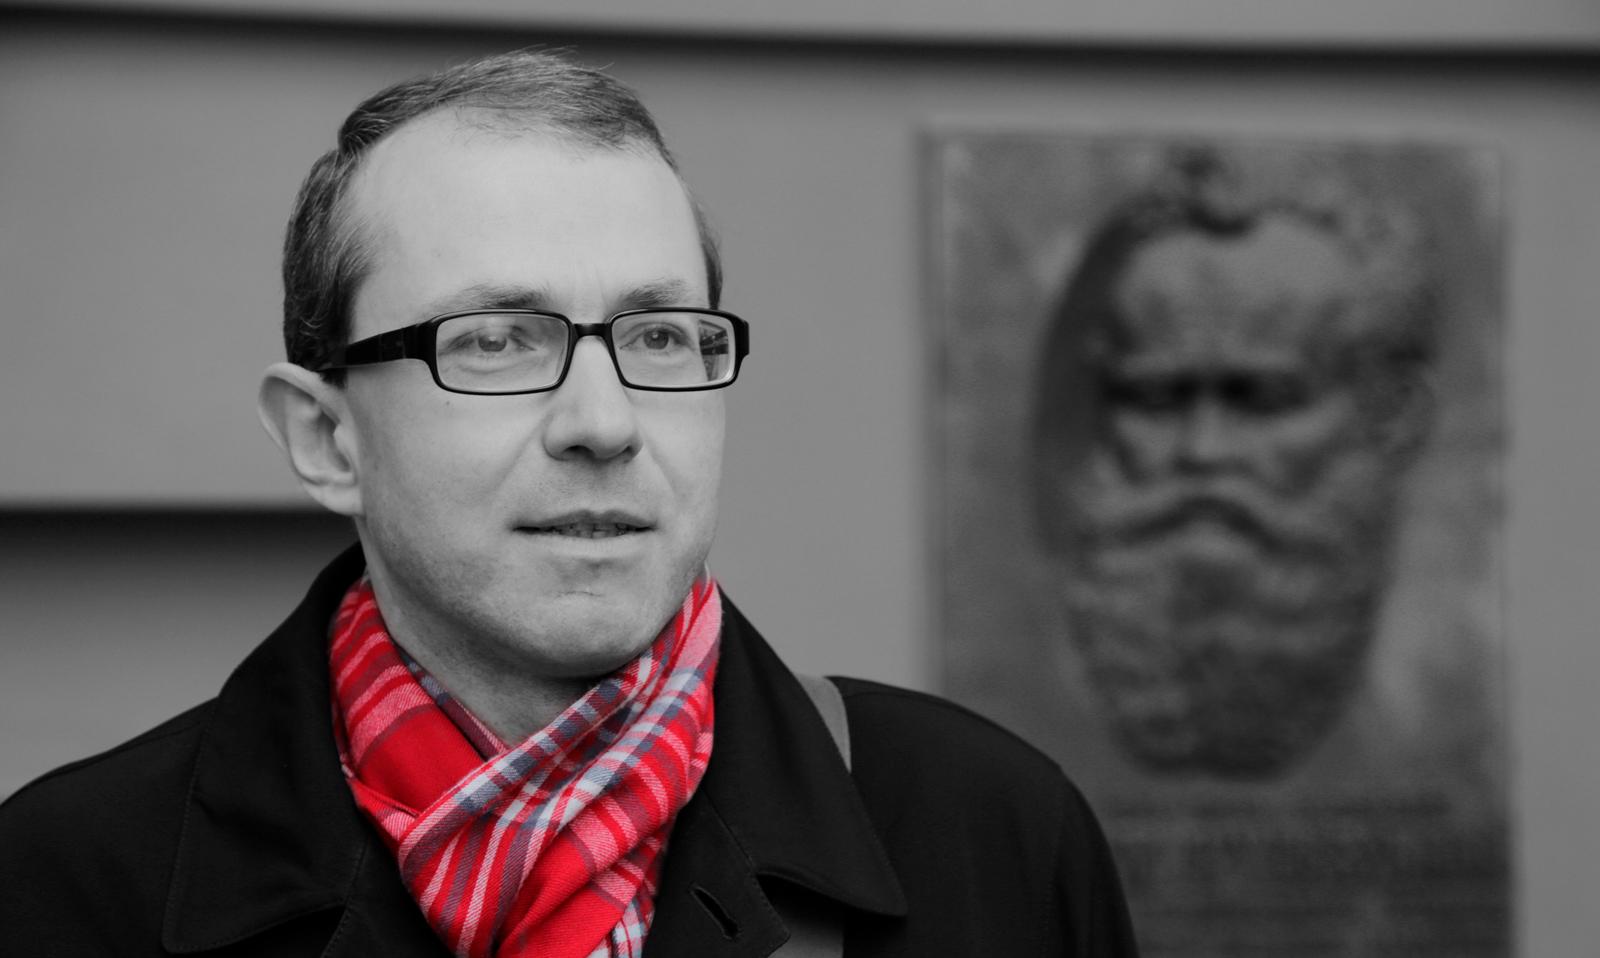 «Сейчас, как никогда, мы все связаны», - украинский философ Андрей Баумейстер о стоицизме Марка Аврелия и о том, как пережить сложные времена